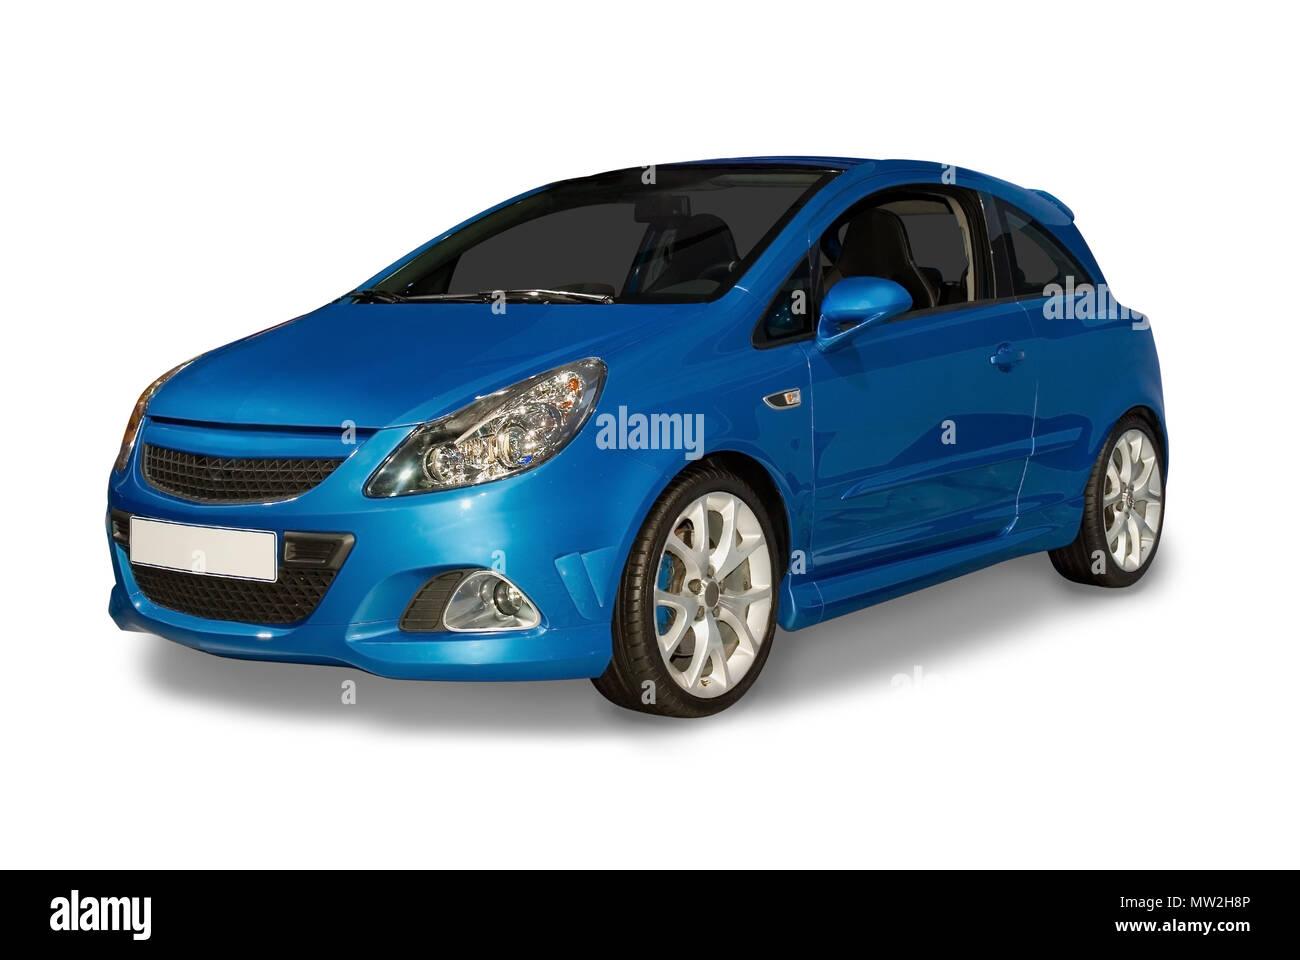 Nouveau carburant efficeint blue voiture hybride. La plus petite des voitures hybrides sont l'avenir de l'industrie. Isolé sur un fond blanc avec un détail tiré de l'ombre Photo Stock